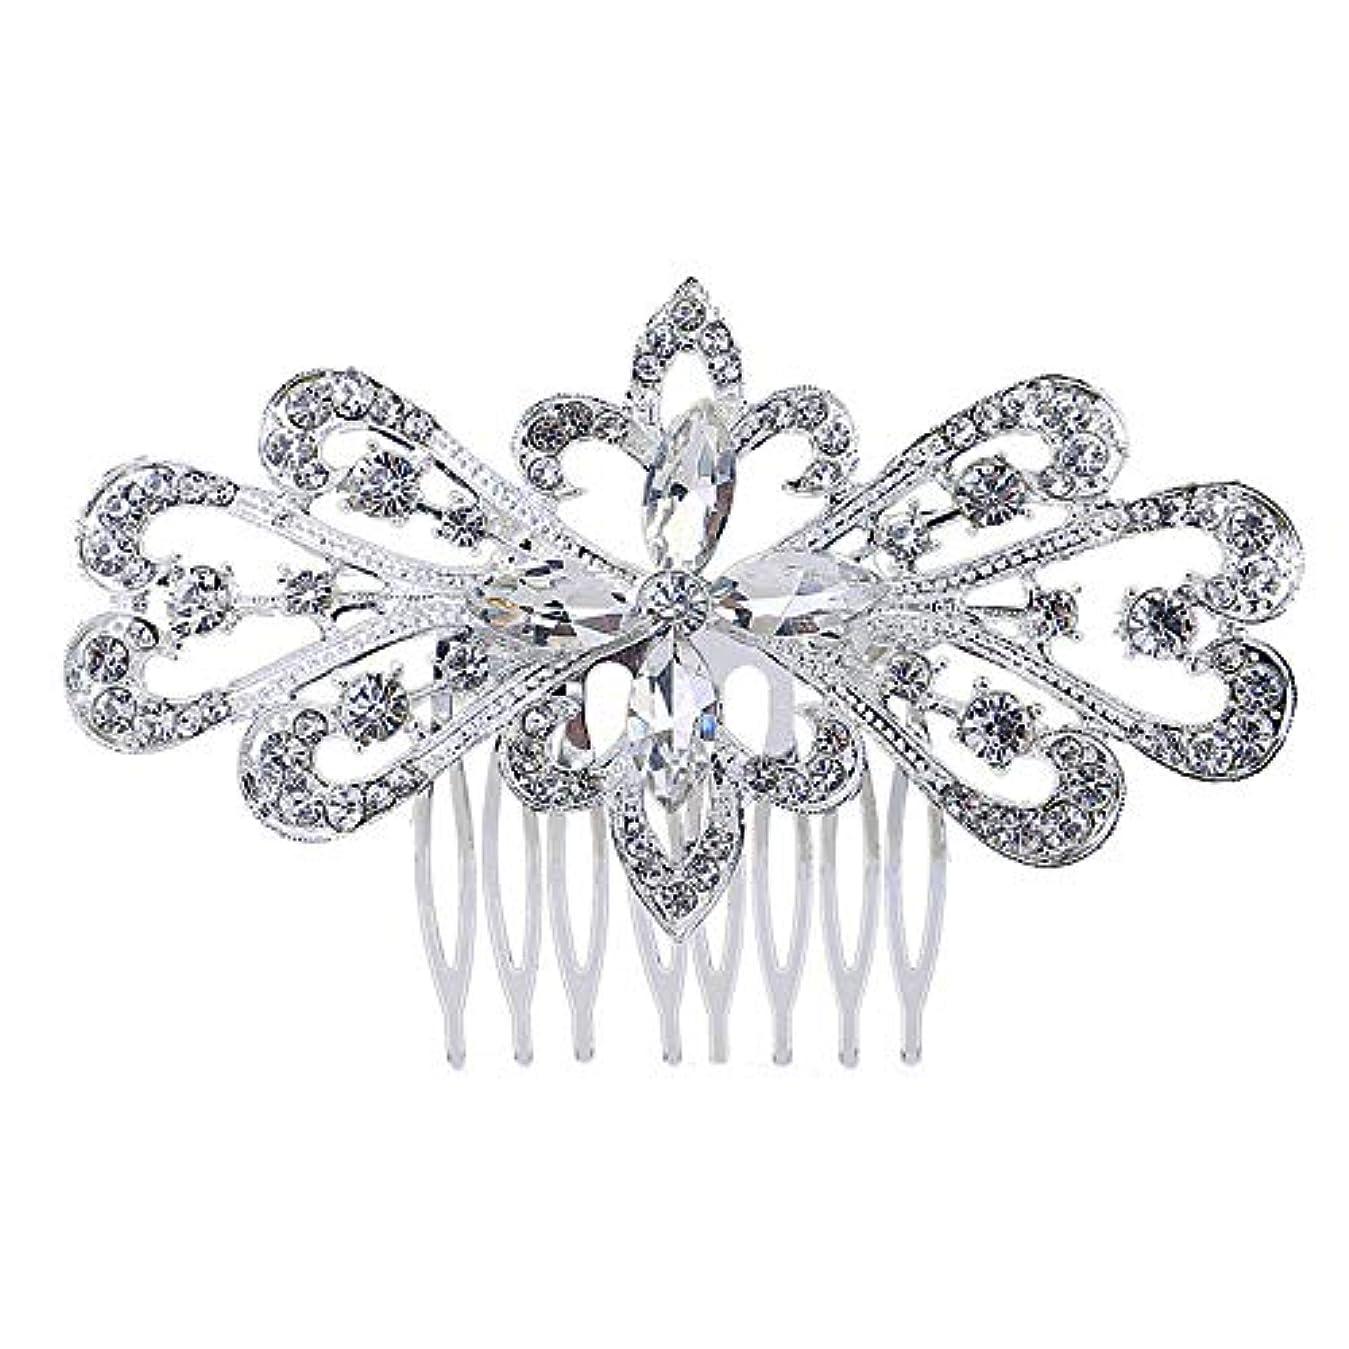 最初にラショナル消える髪の櫛の櫛の櫛の花嫁の髪の櫛の花の髪の櫛のラインストーンの挿入物の櫛の合金の帽子の結婚式のアクセサリー